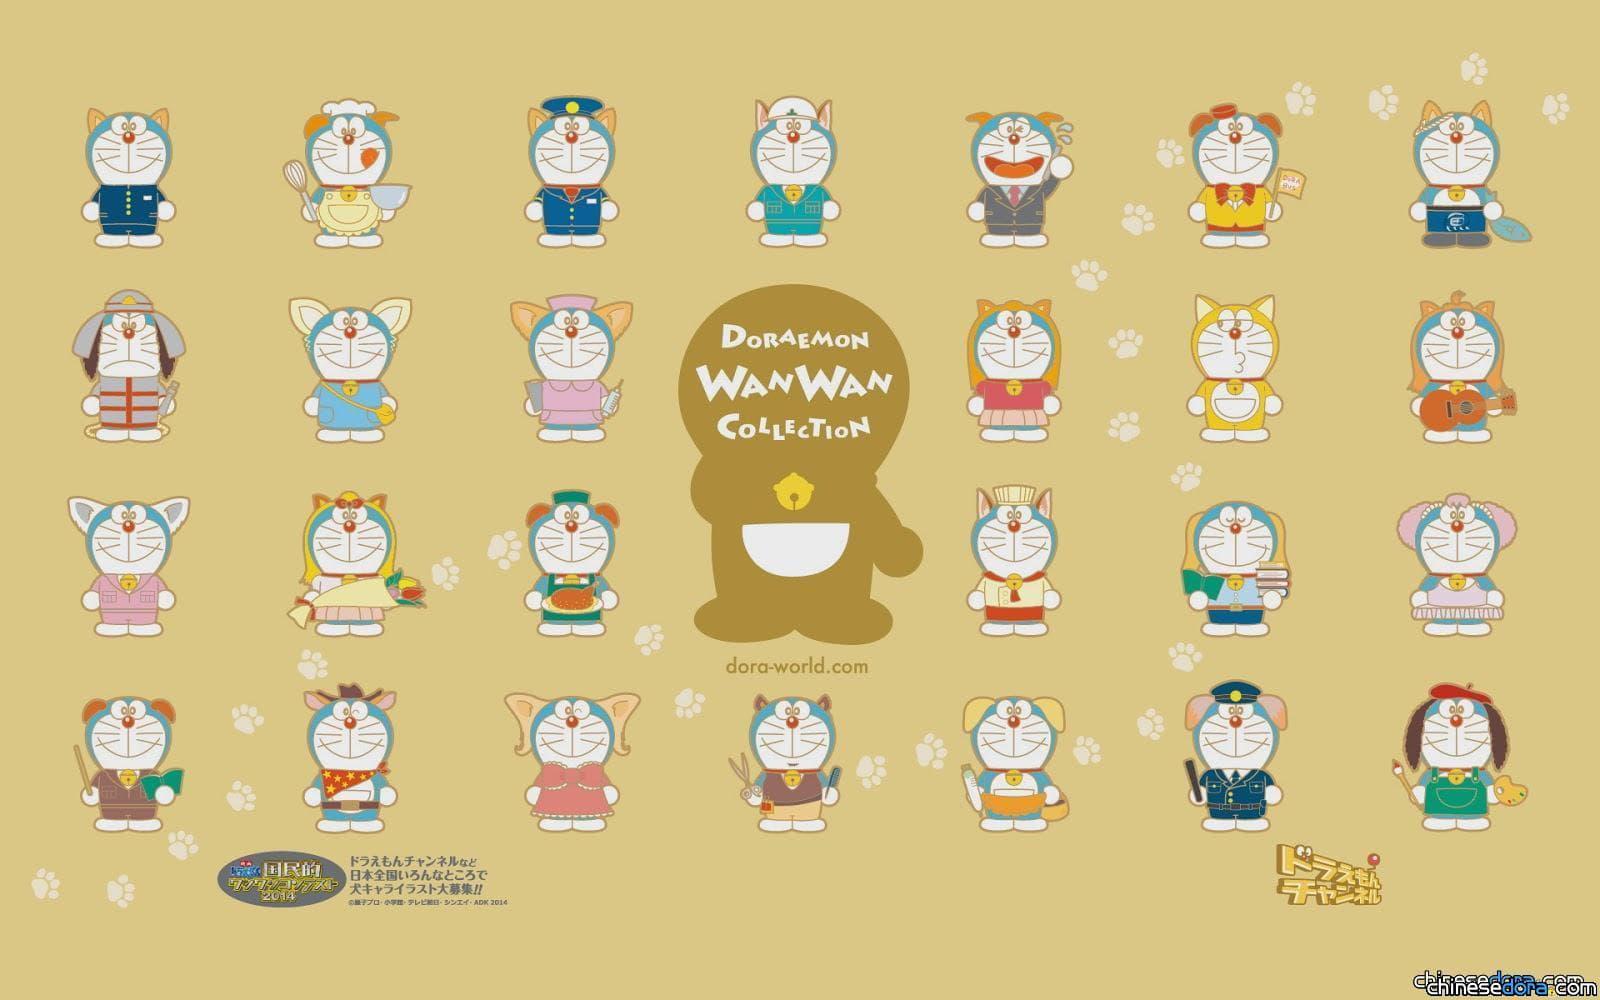 [日本] 哆啦A夢官方網站開站11周年 歷年桌布大放送